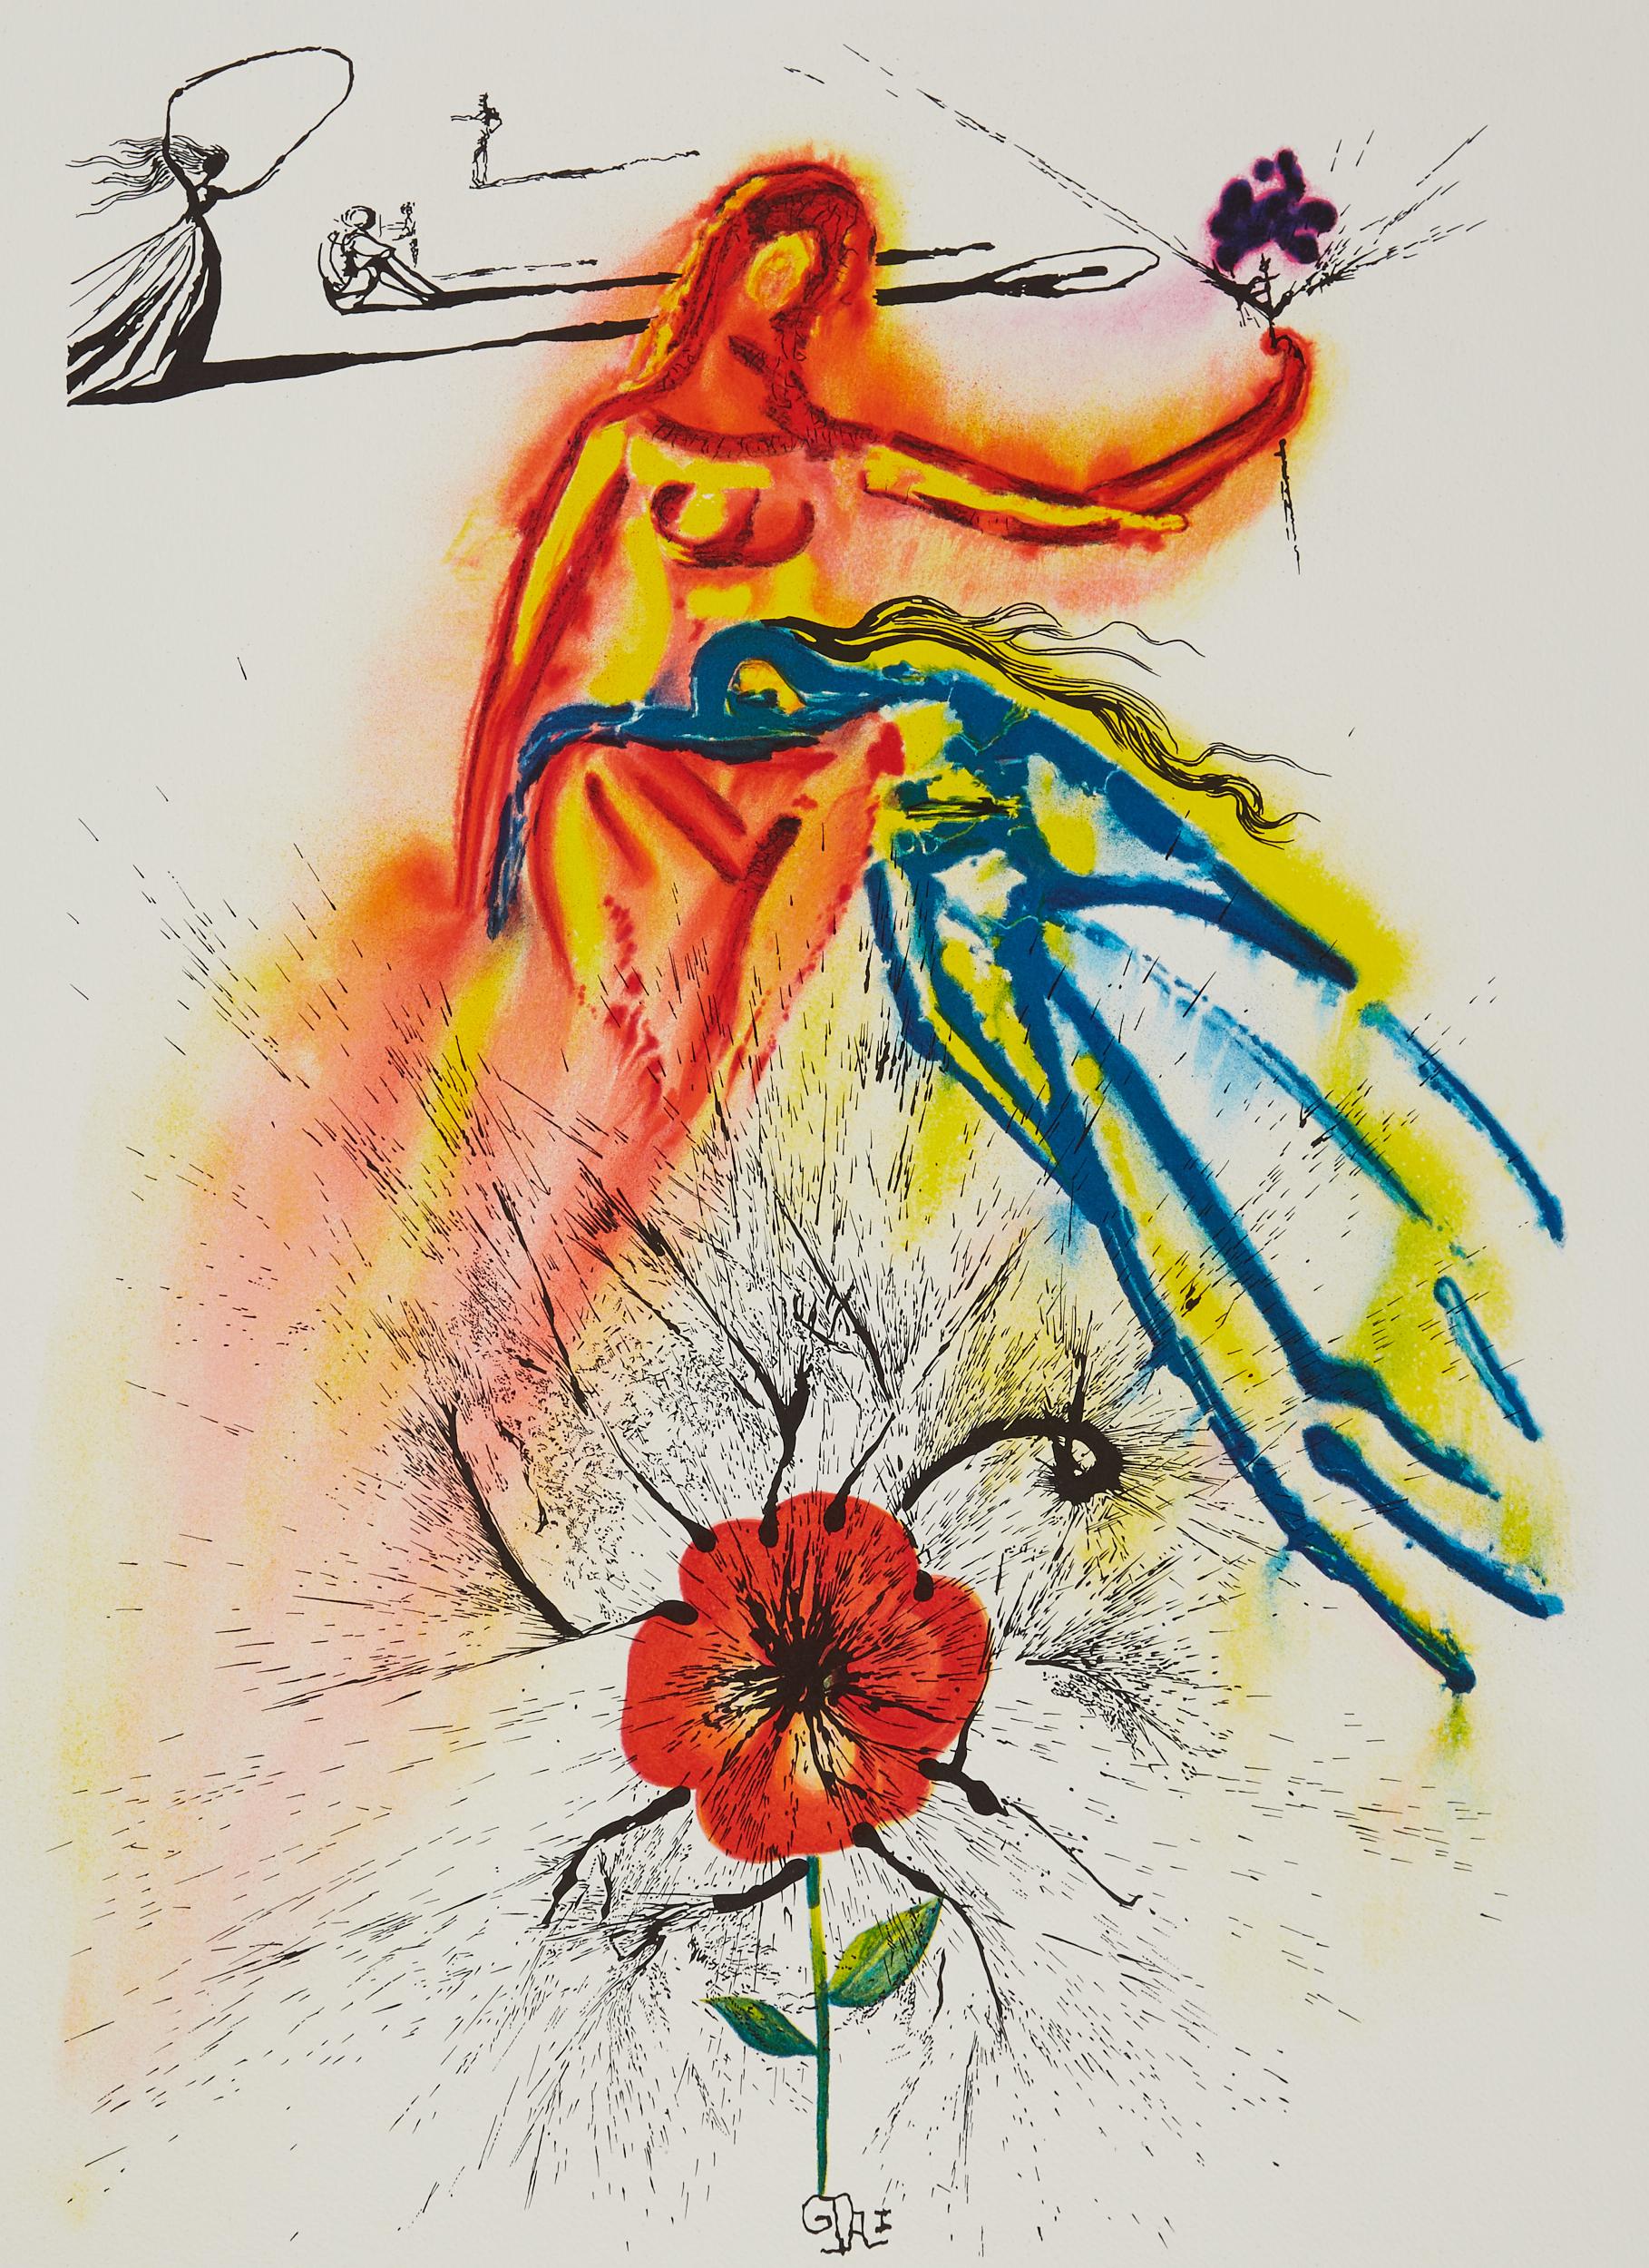 Lot 49 - 4 After Salvador Dali Alice in Wonderland Color Lithographs